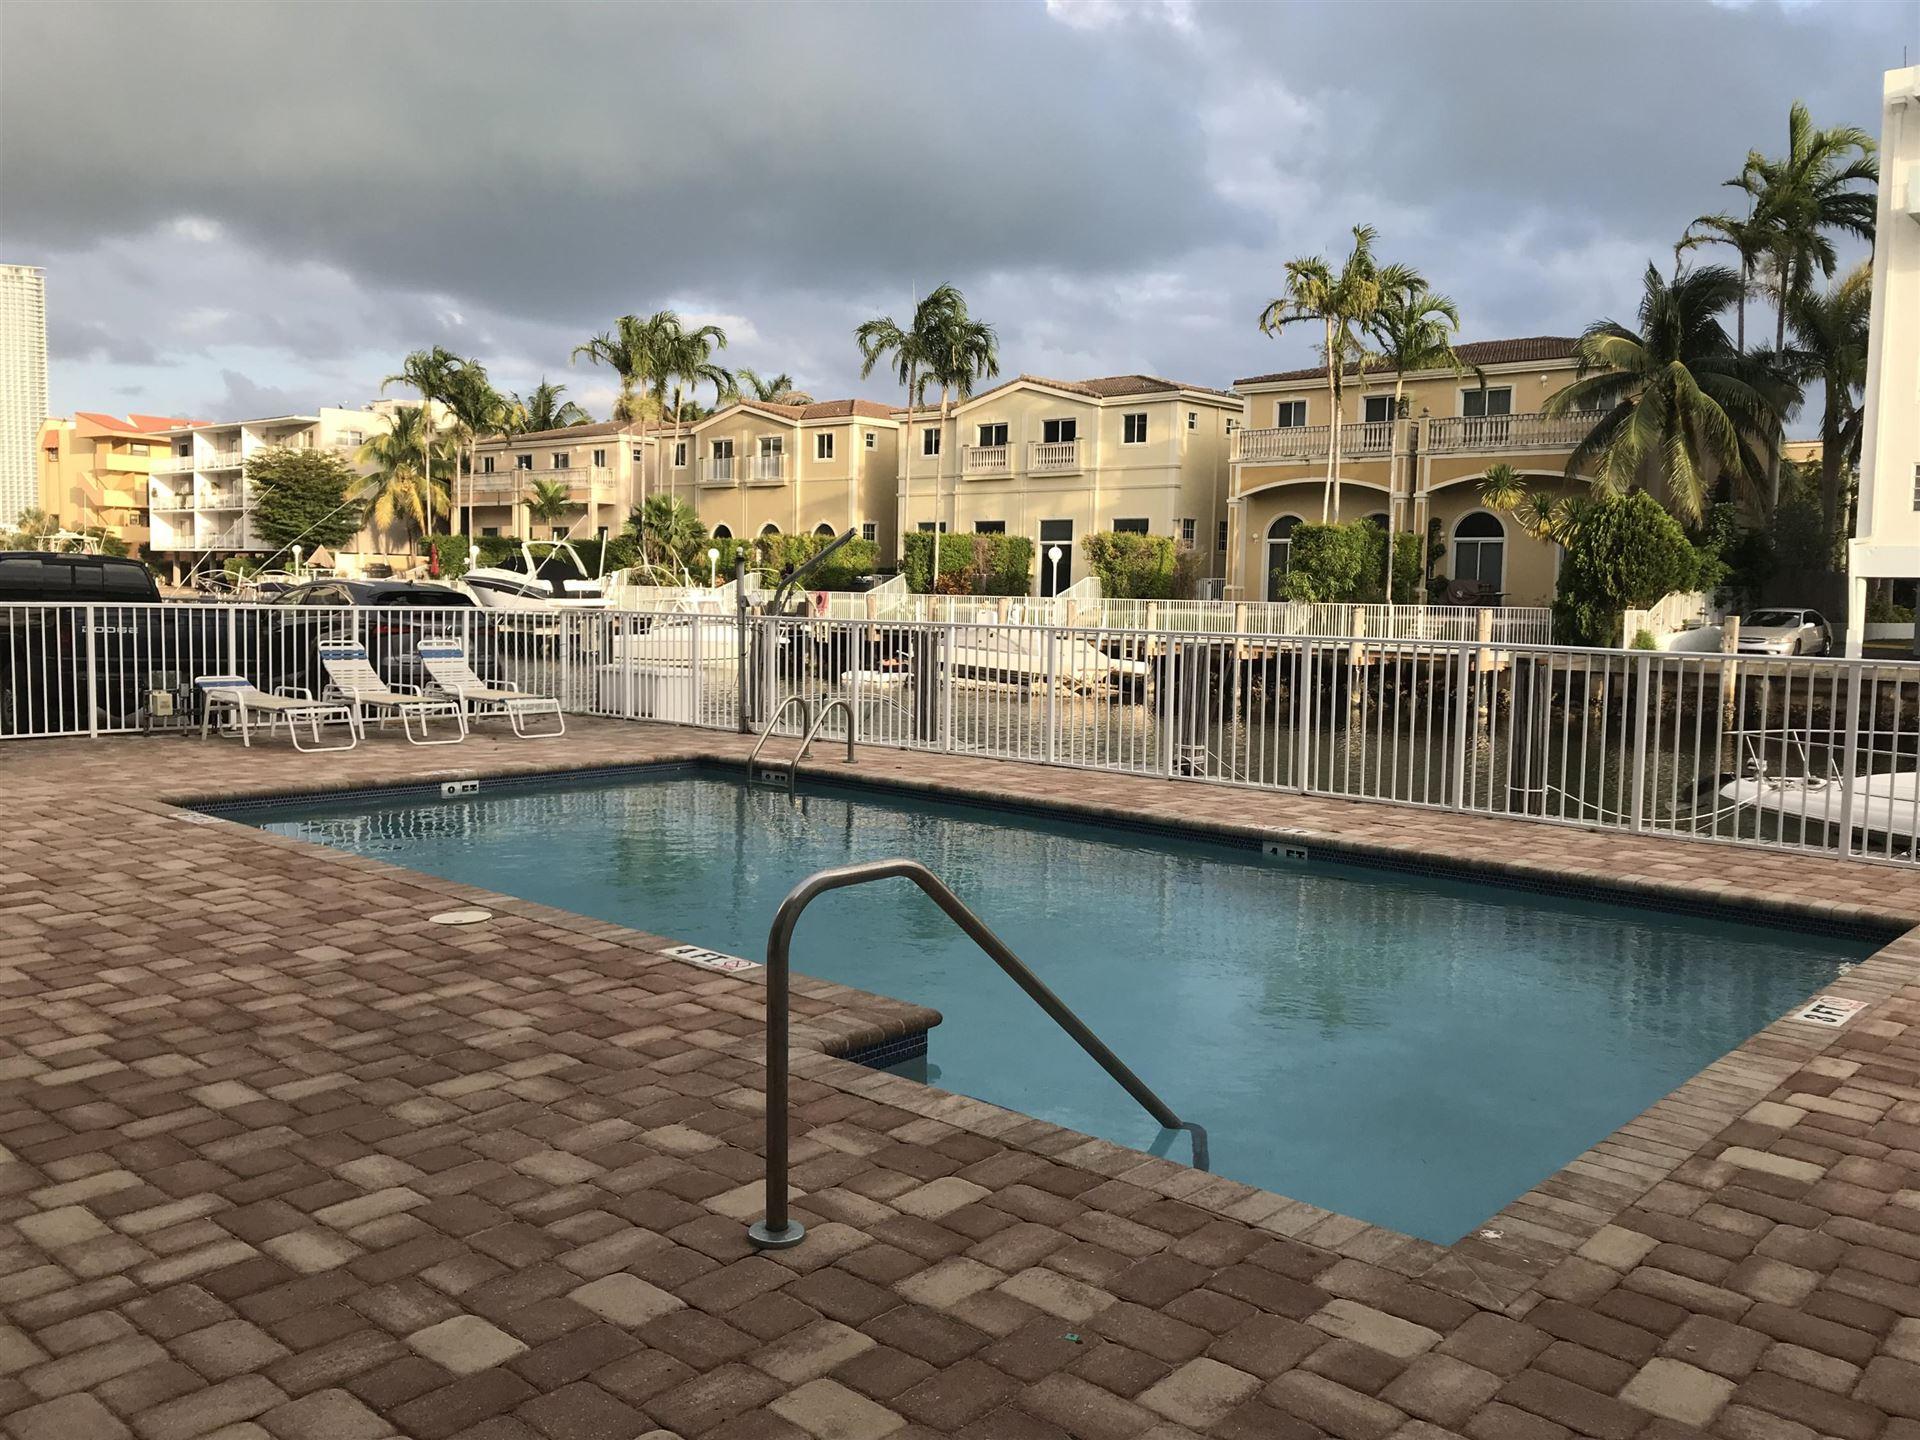 3868 NE 169th Street #307, North Miami Beach, FL 33160 - MLS#: RX-10659991